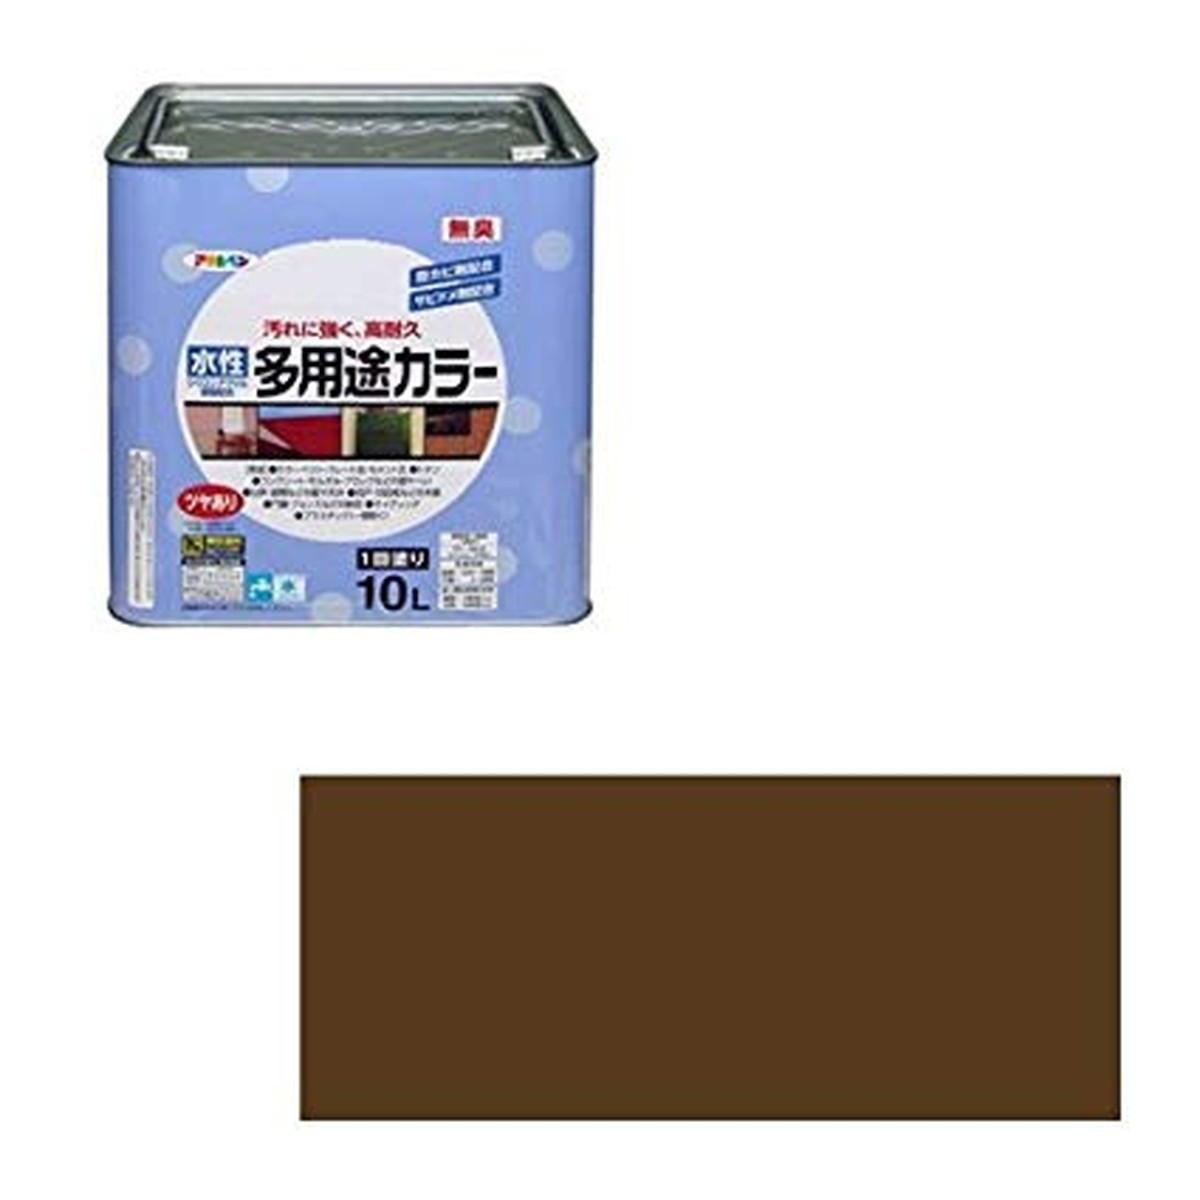 アサヒペン 水性多用途カラー 10L ブラウン【クーポン配布中】